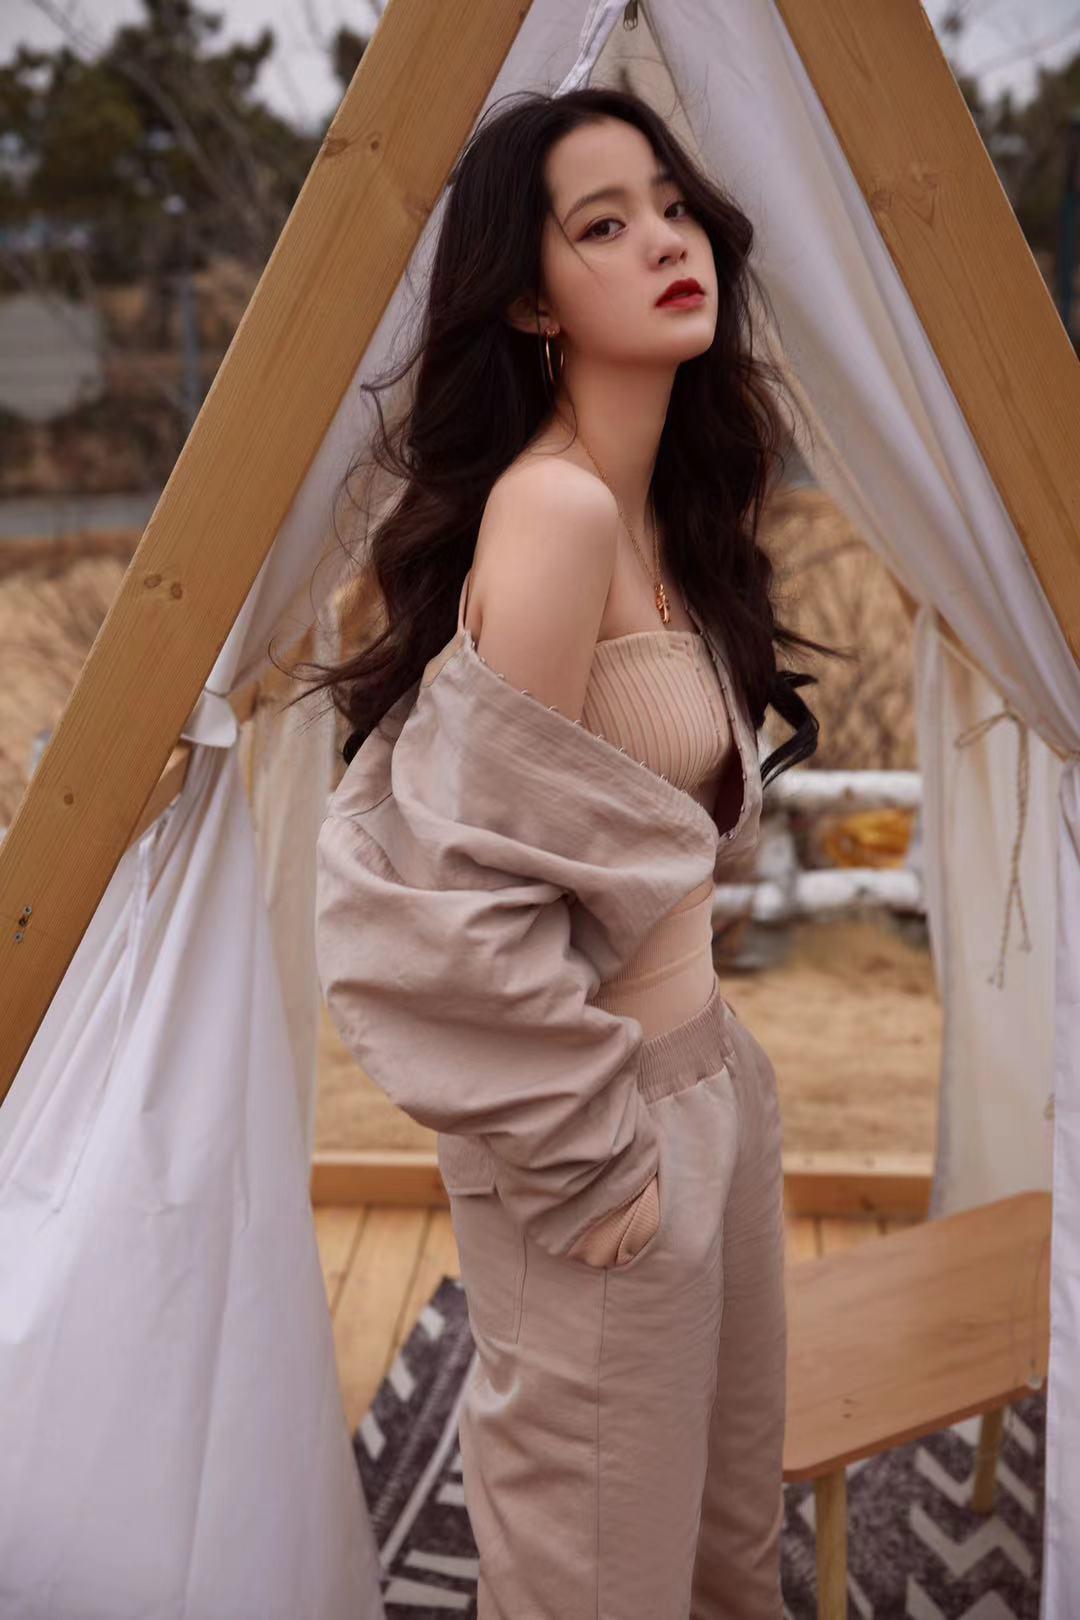 欧阳娜娜这一身造型,学会了秒变时尚博主,造型老抢镜了